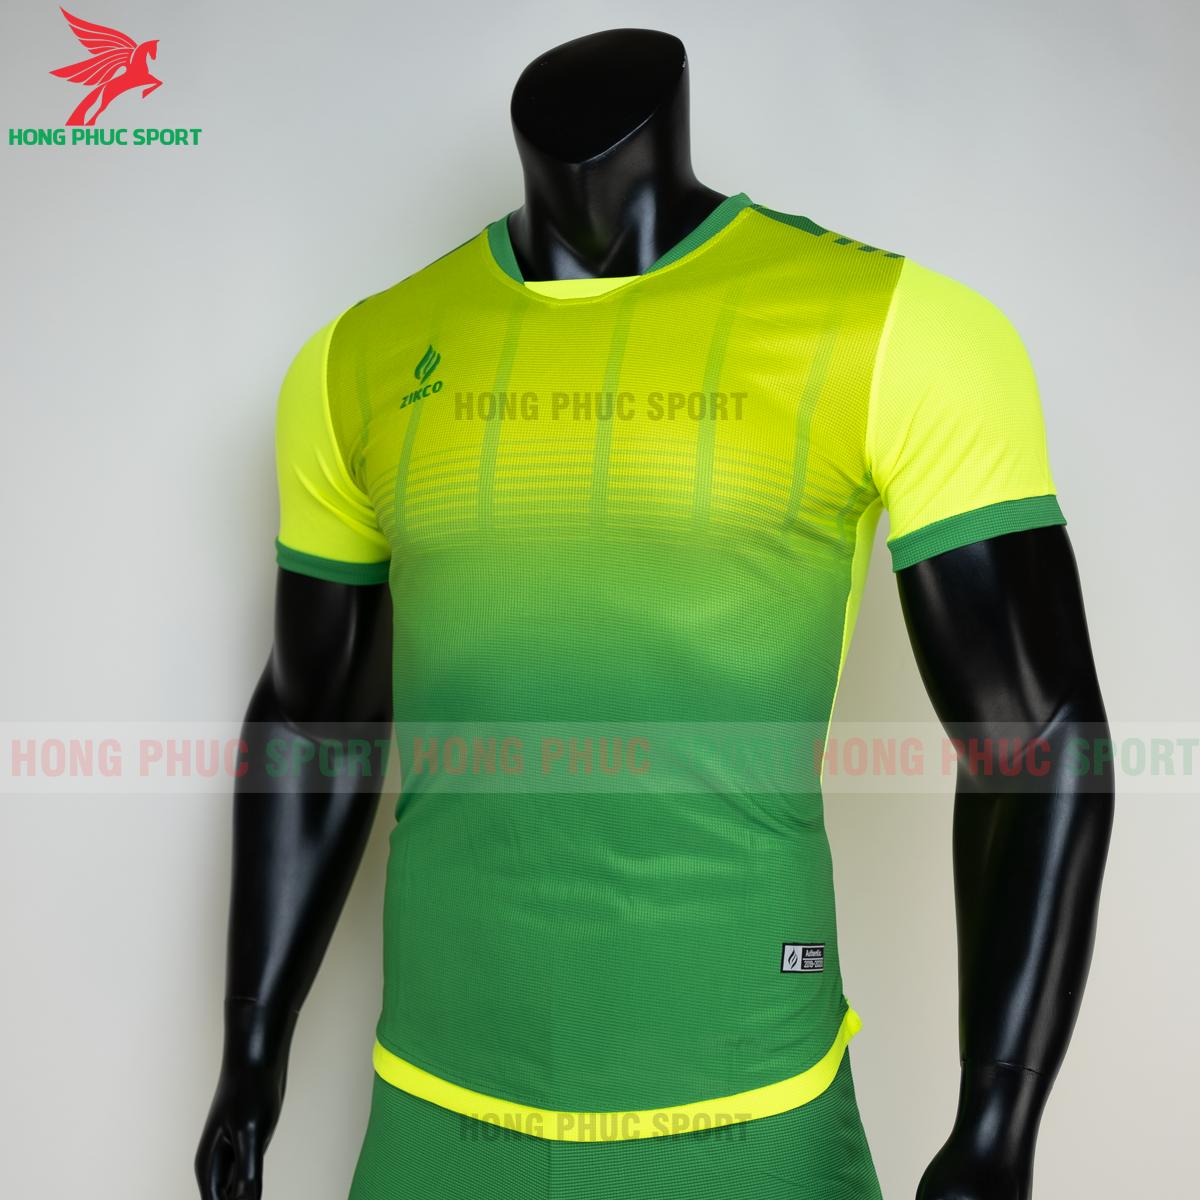 https://cdn.hongphucsport.com/unsafe/s4.shopbay.vn/files/285/ao-bong-da-khong-logo-zikco-z01-mau-xanh-chuoi-1-6050267636a2d.png